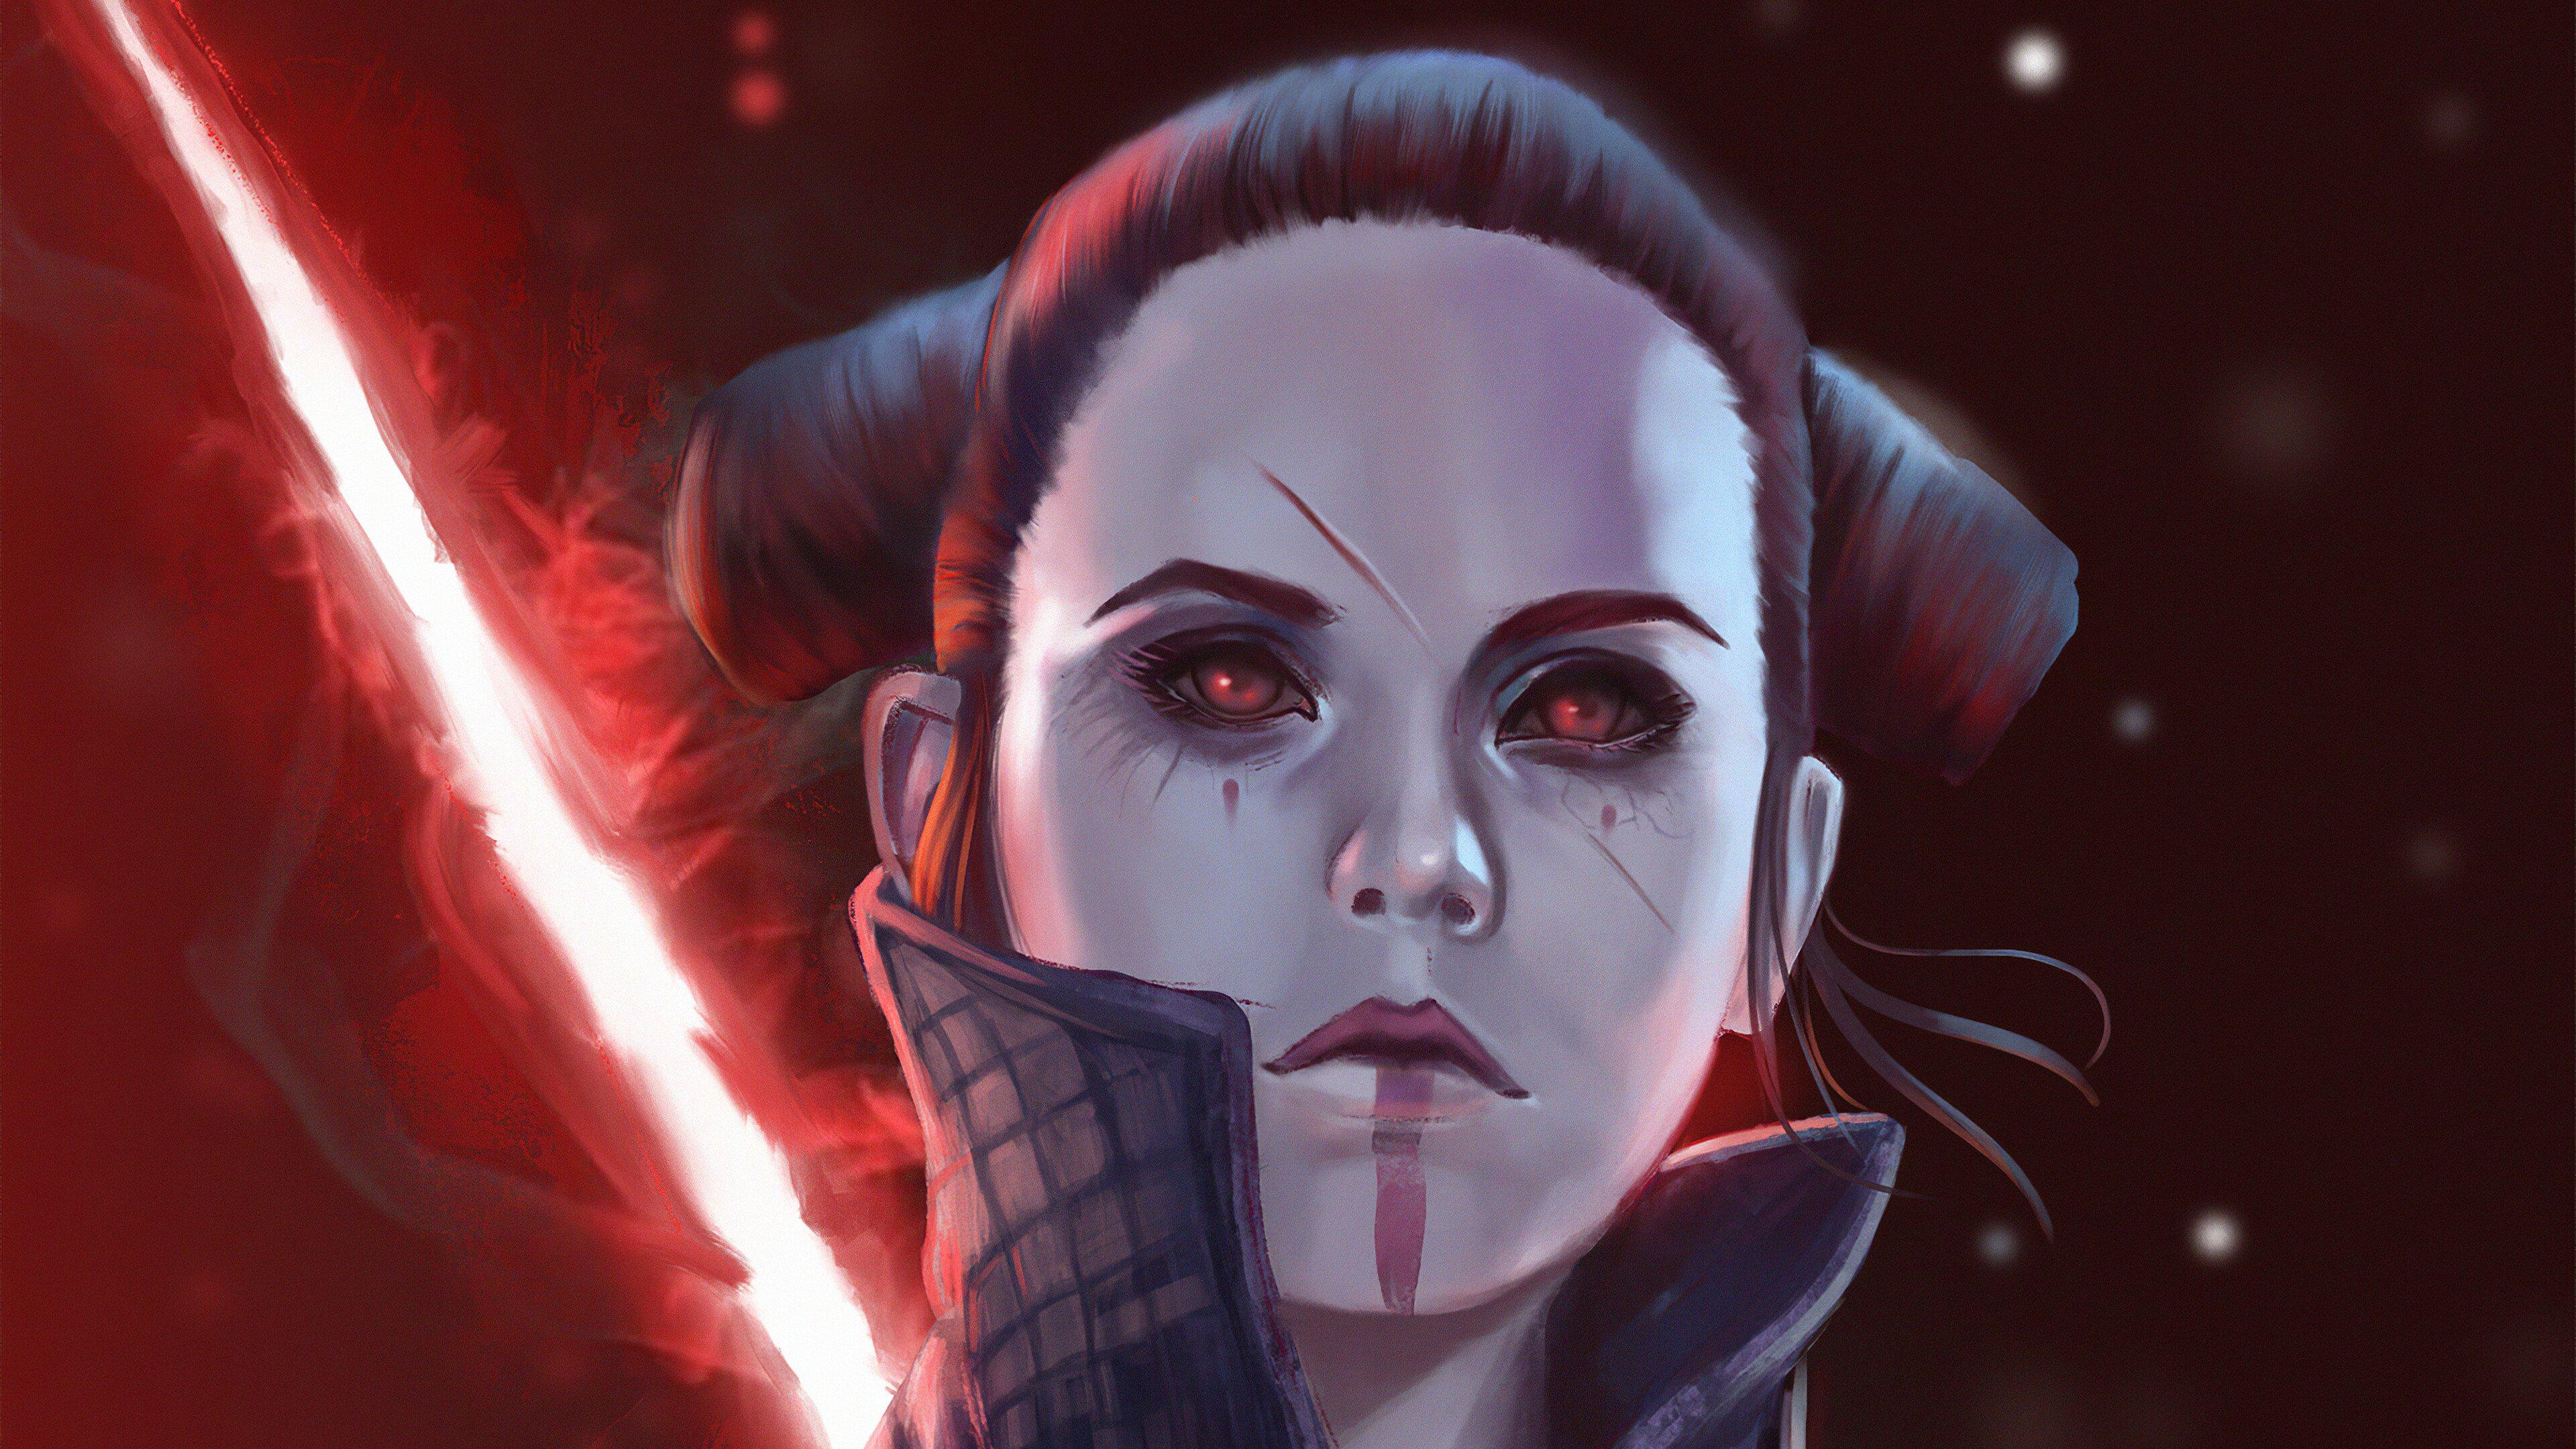 Rey From Star Wars In The Dark Side Wallpaper 4k Ultra Hd Id 4408